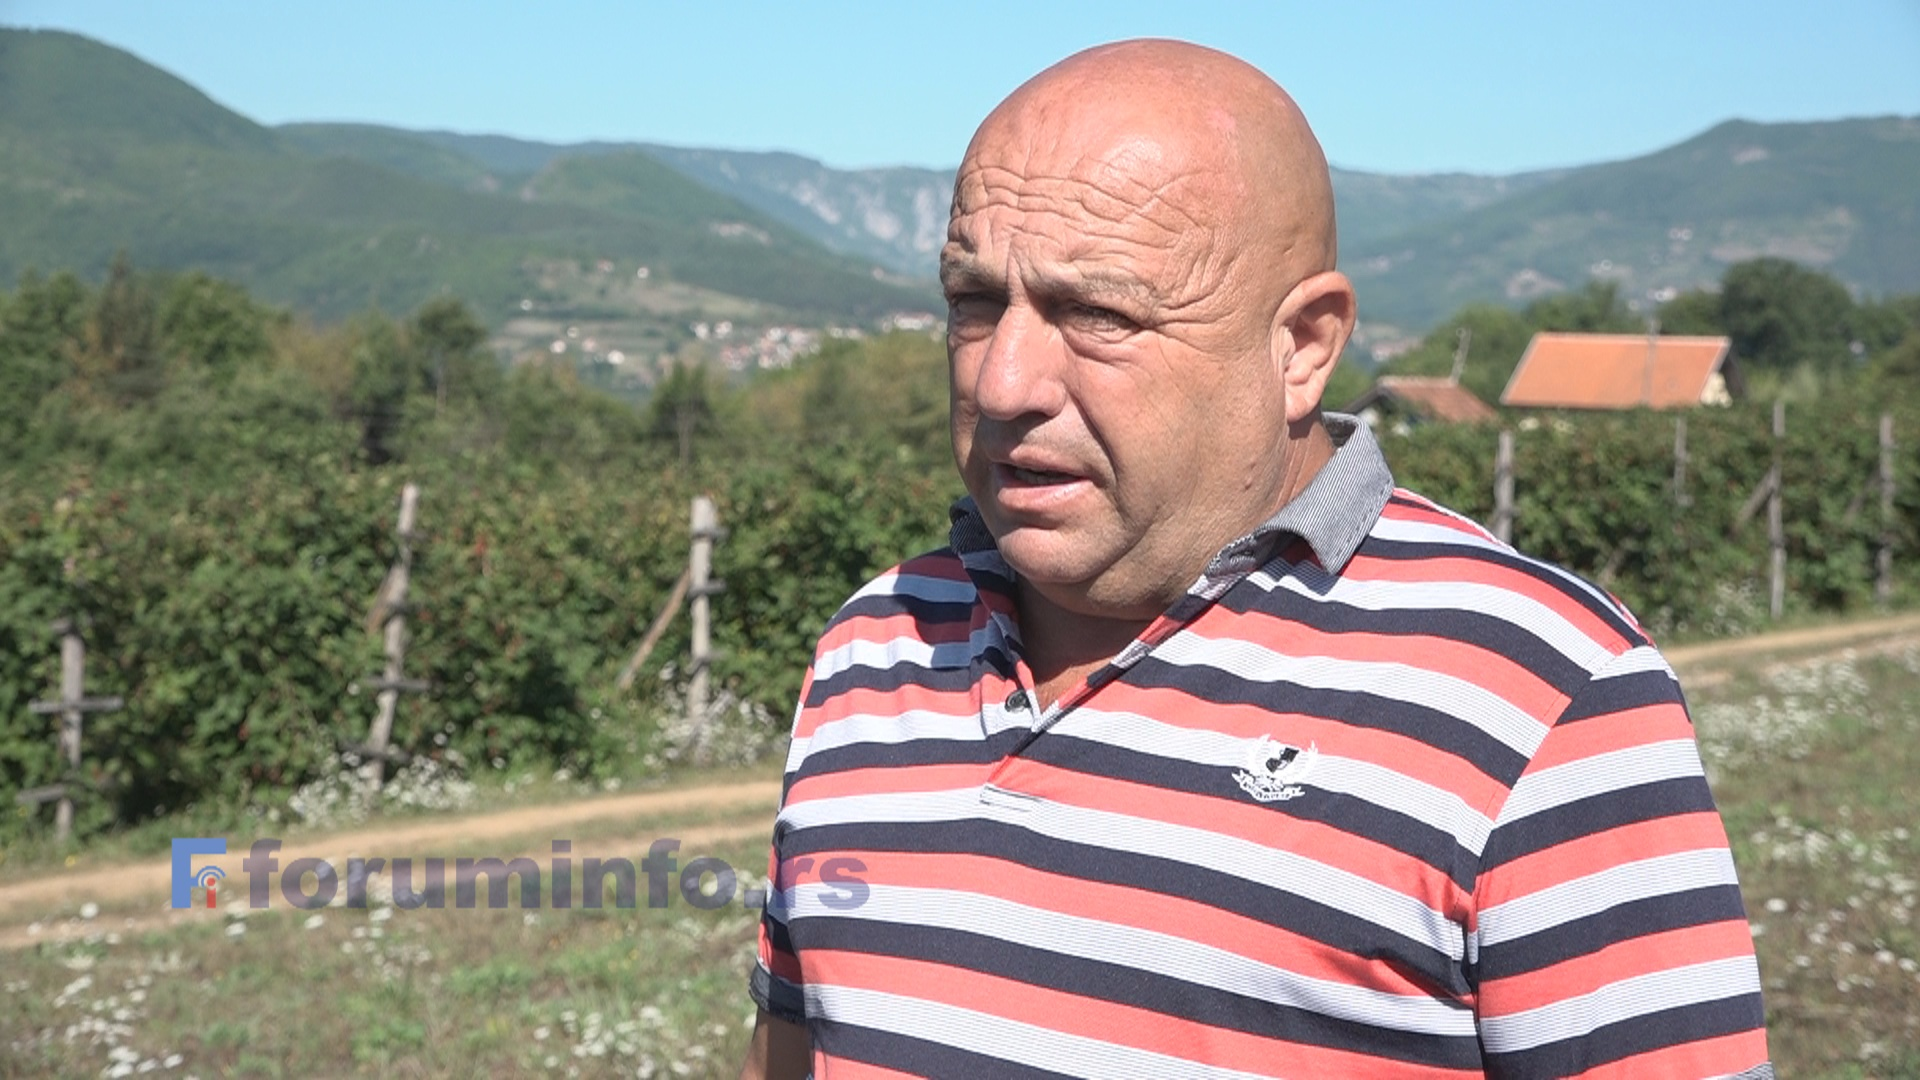 Рефик Хурић Фико: очекујем принос од око 30 тона купине и 50 тона паприке